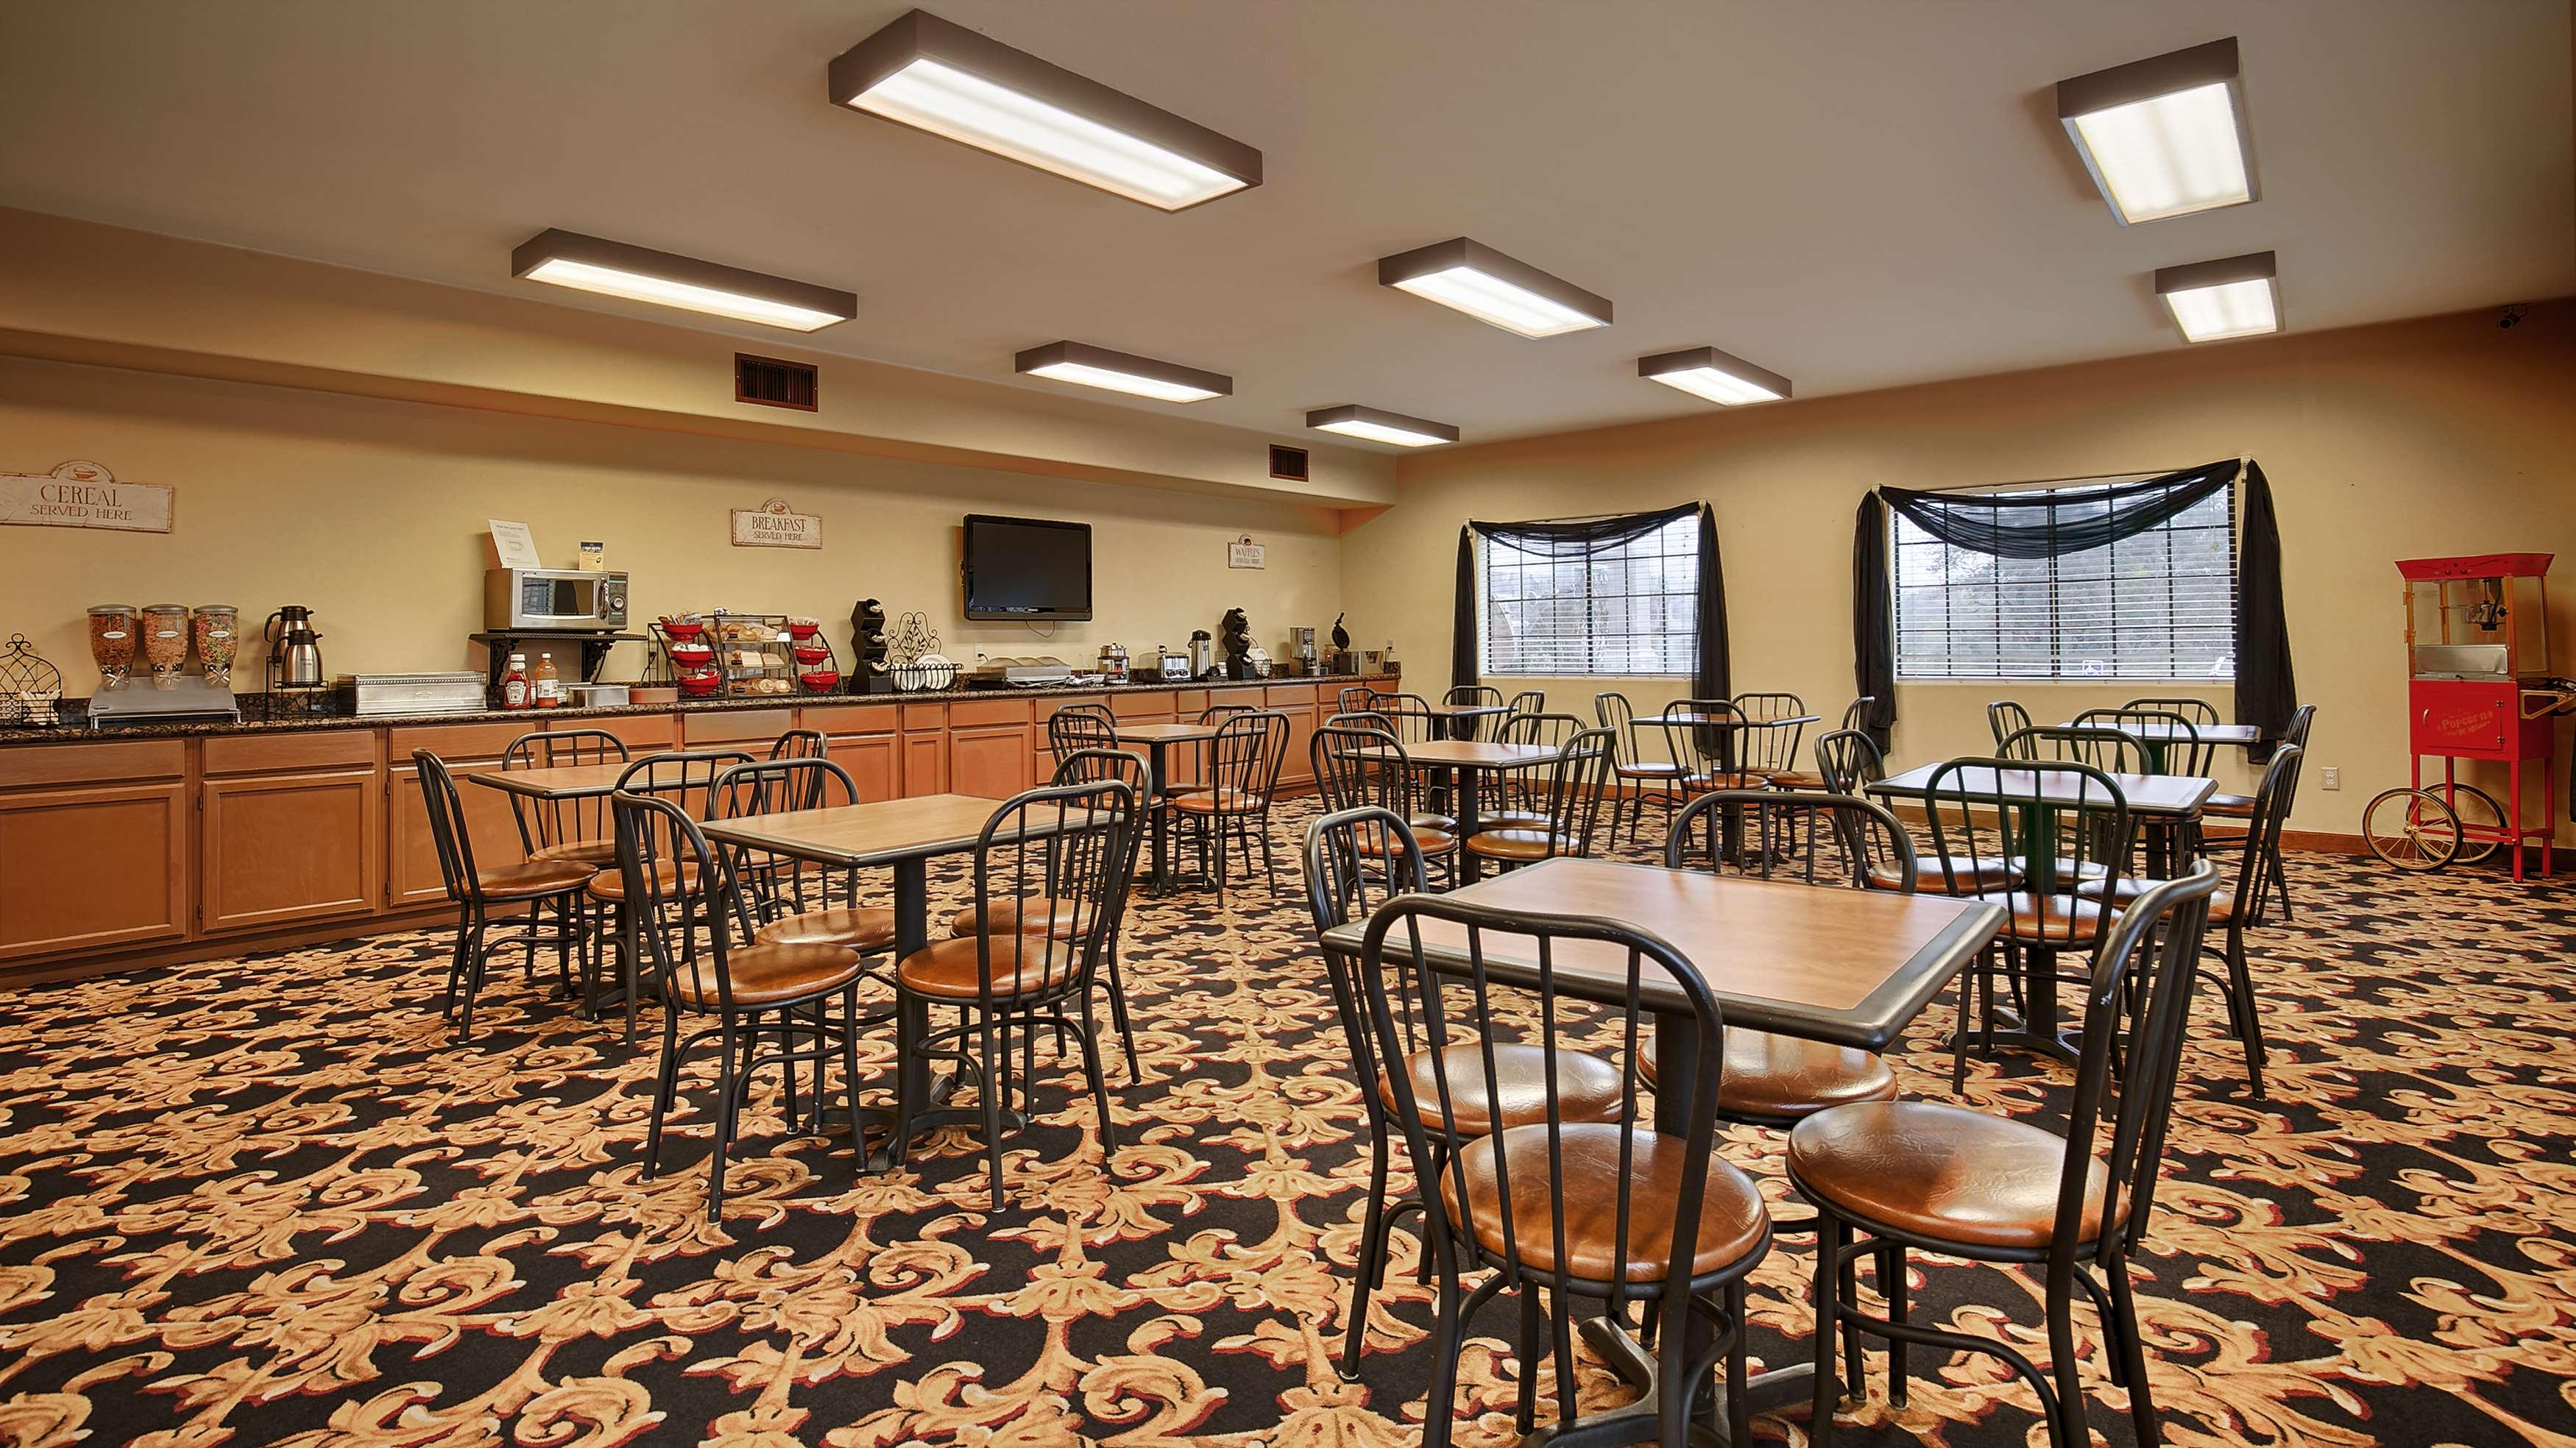 Surestay Plus Hotel By Best Western Beeville In Beeville  Tx 78102